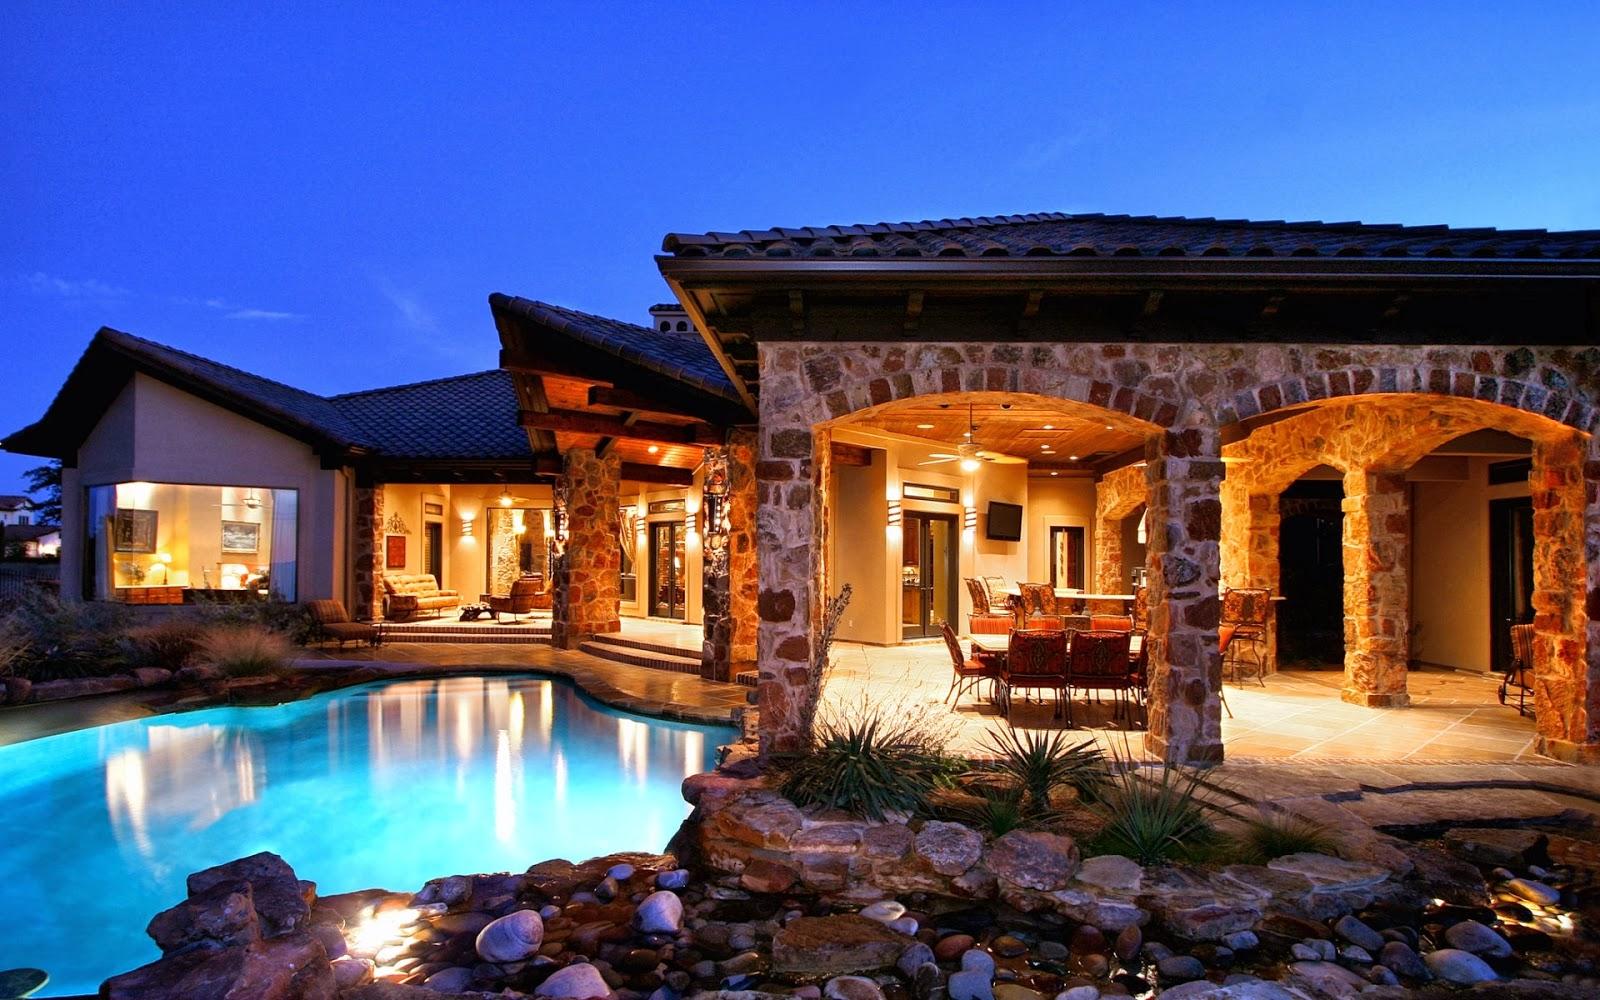 Banco de im genes impresionante residencia con piscina y for Casa con piscina urdaibai